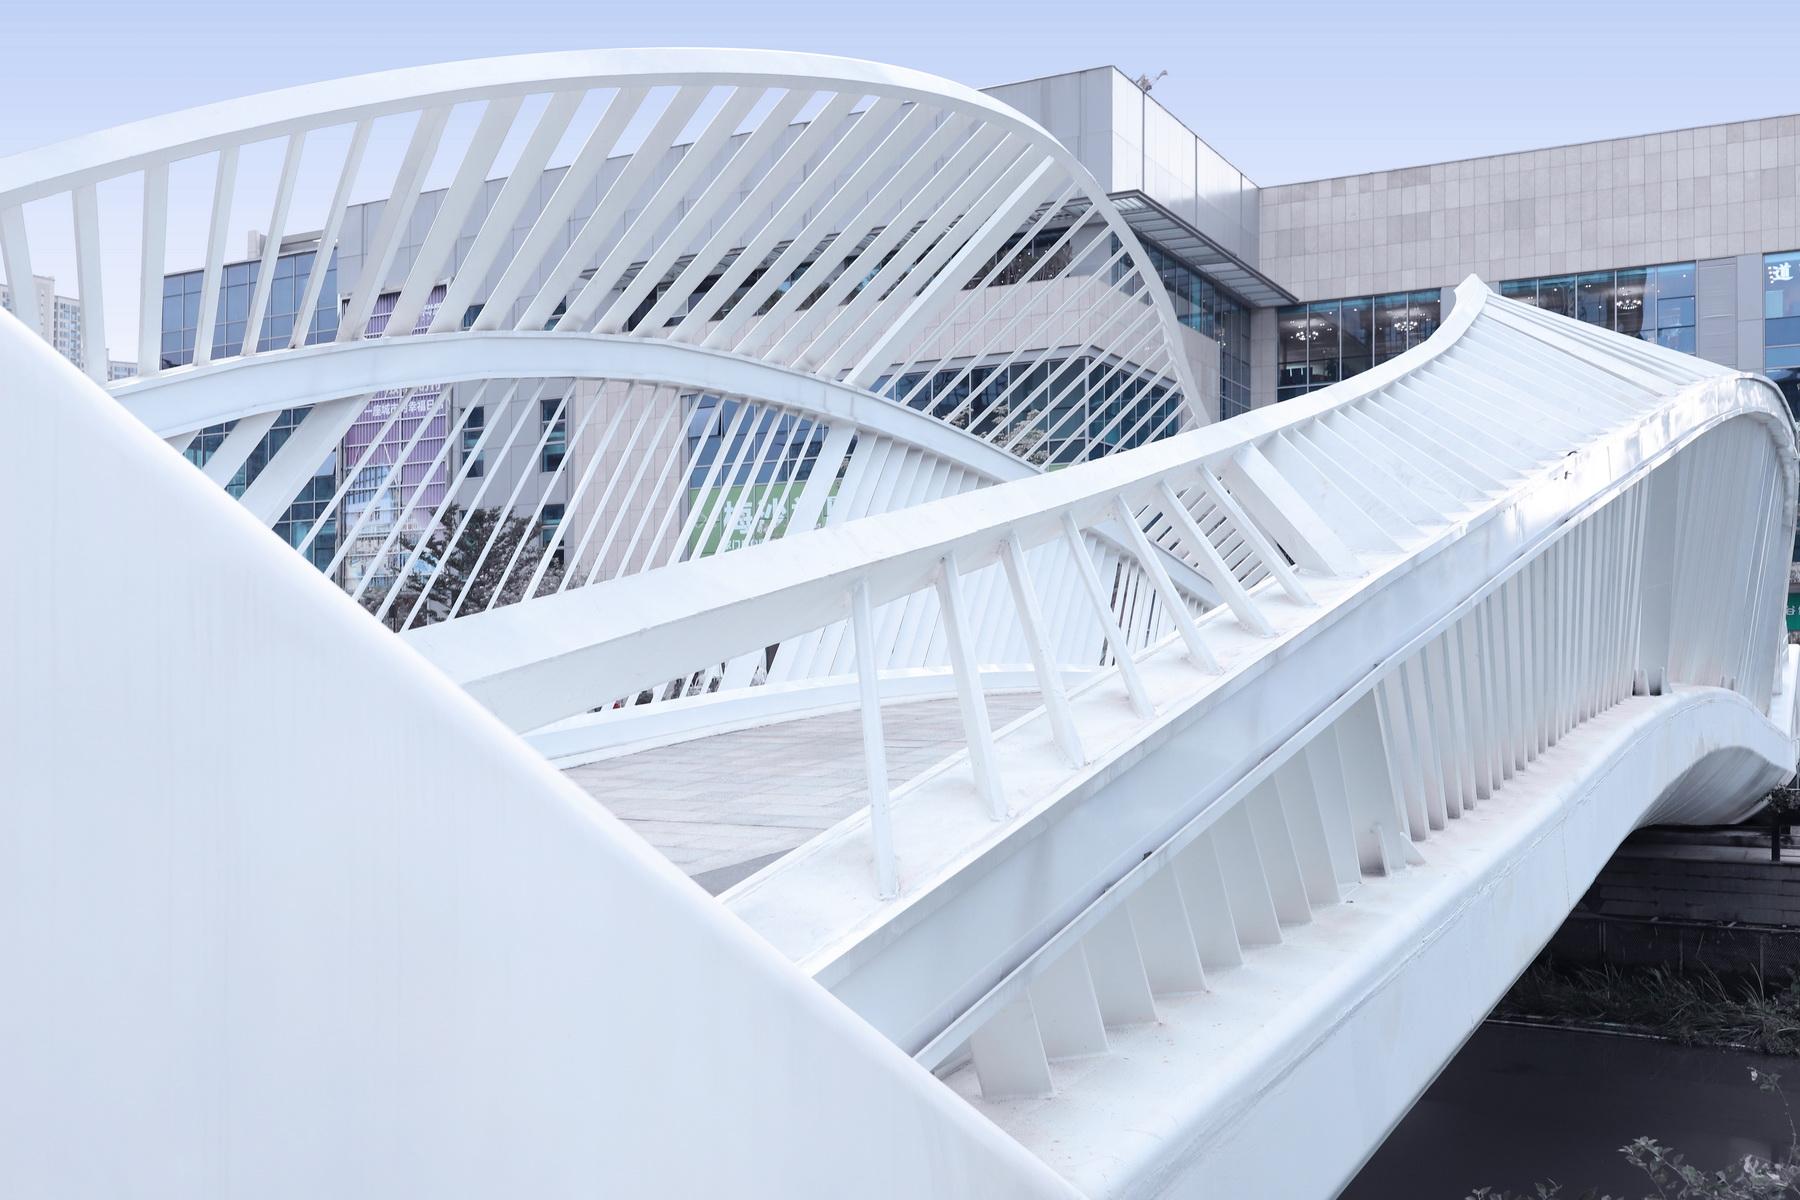 基盛万科中央公园-虹之桥 摄影作品 / 黑白灰建筑空间摄影